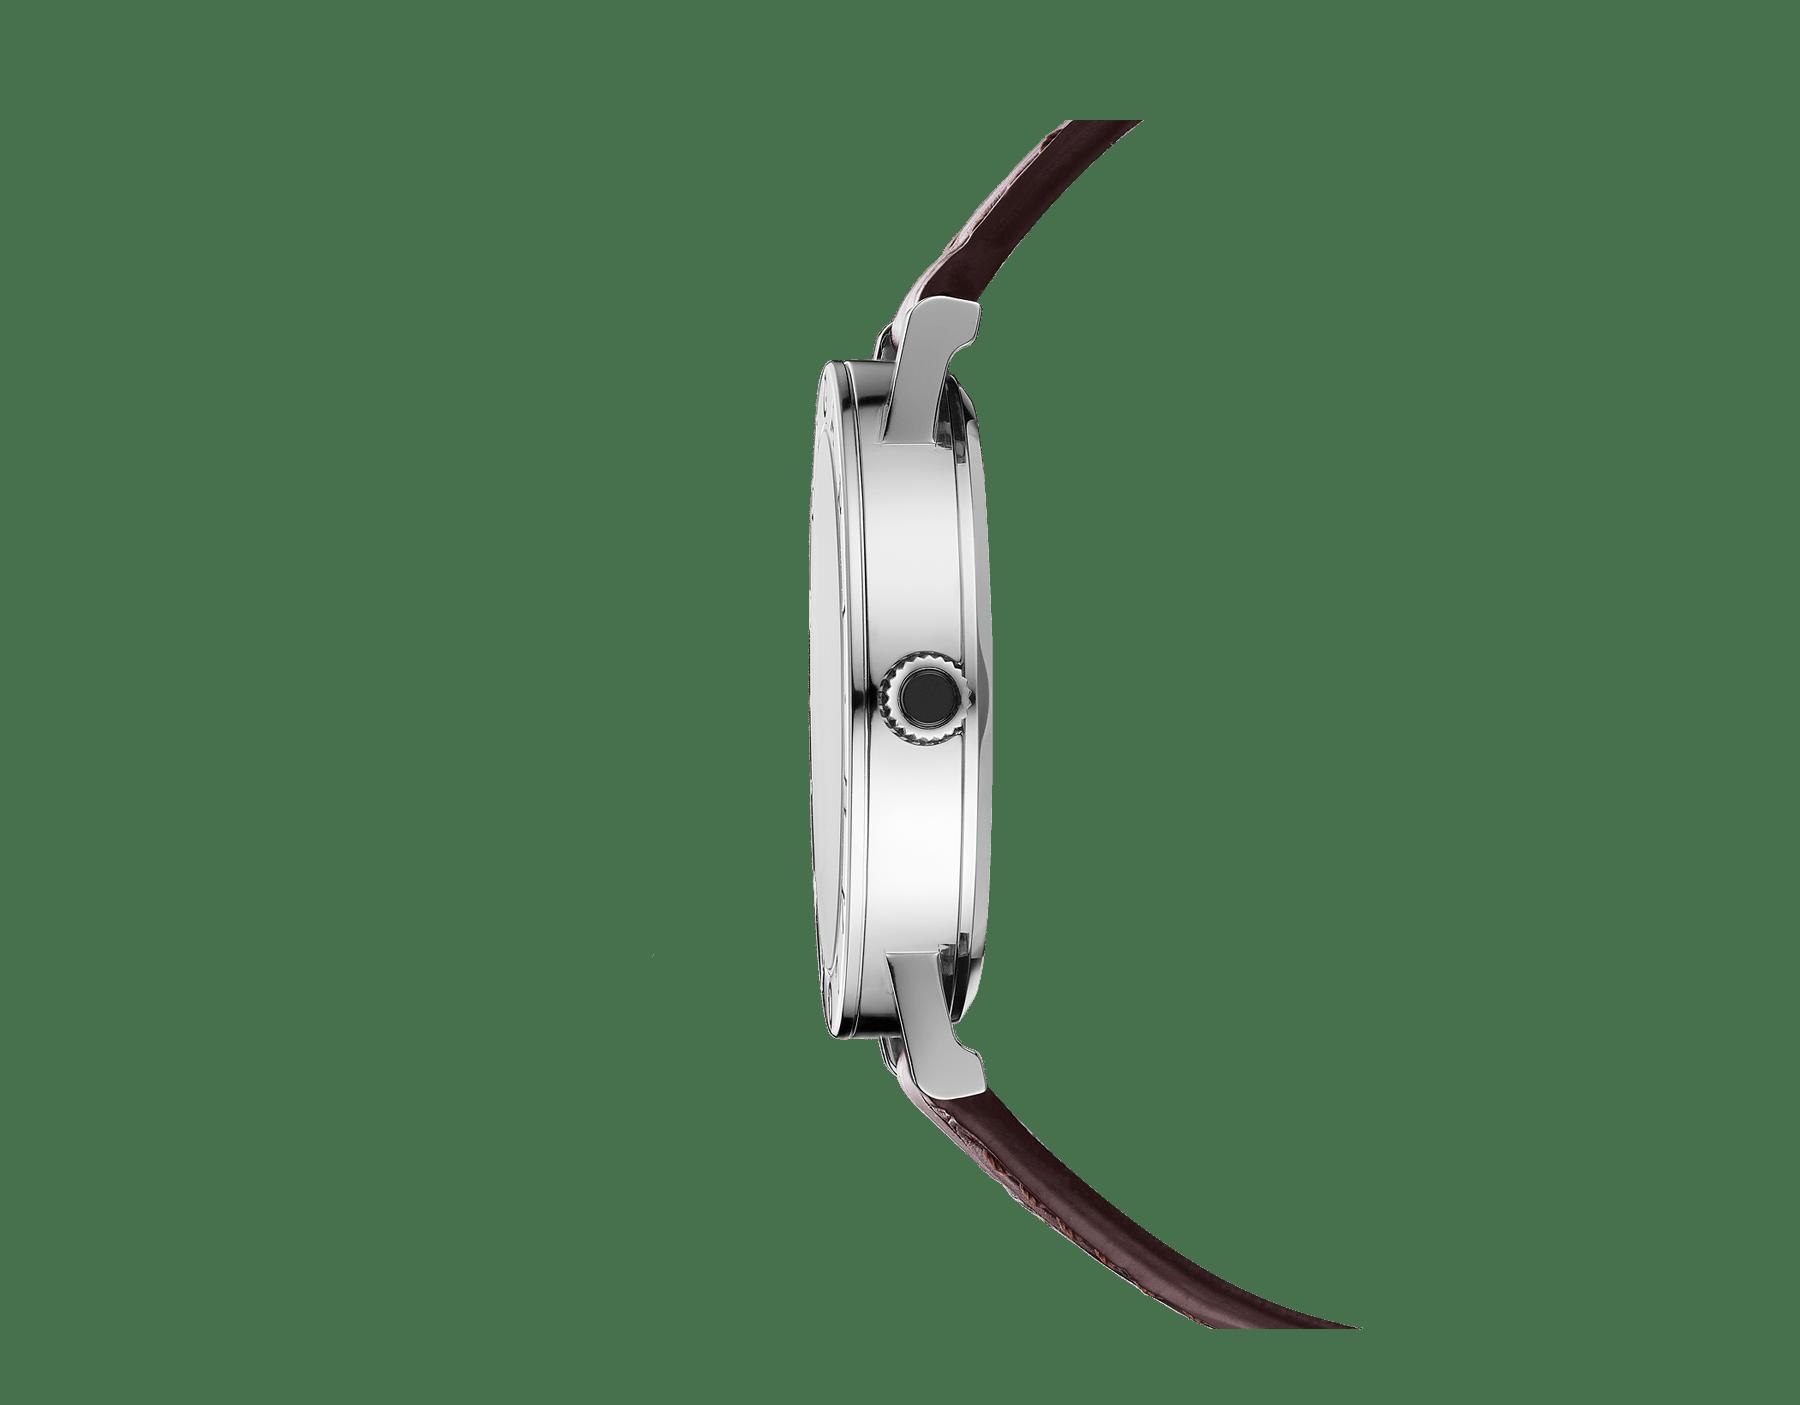 Relógio BVLGARIBVLGARI Solotempo com movimento de manufatura mecânico, corda automática e data, caixa em aço inoxidável, bezel em aço inoxidável gravado com o logotipo duplo, mostrador preto e pulseira em couro marrom 102927 image 2